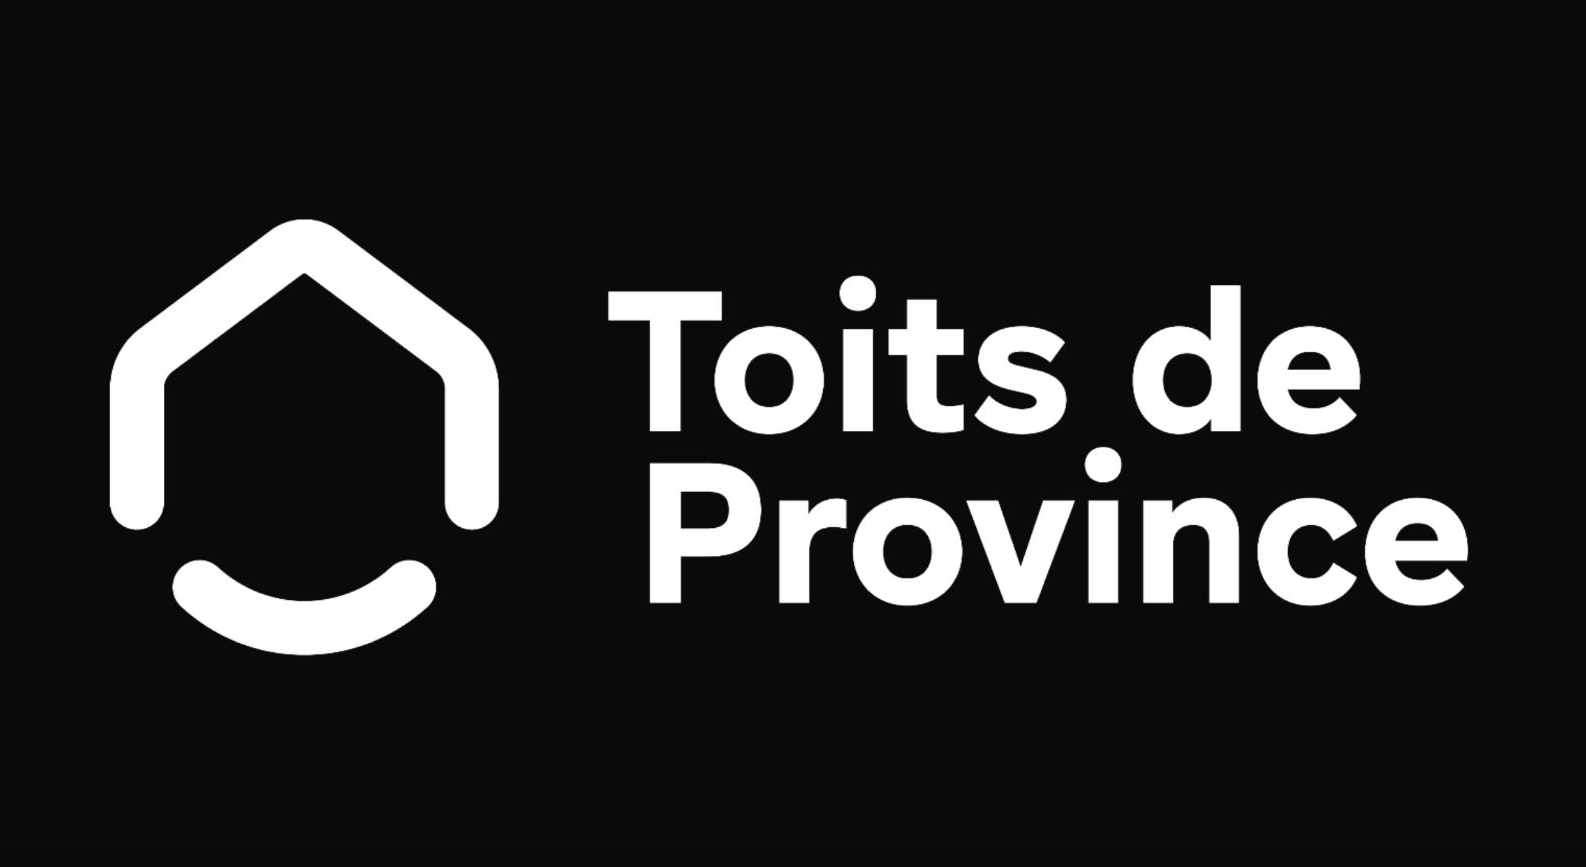 Toits de province